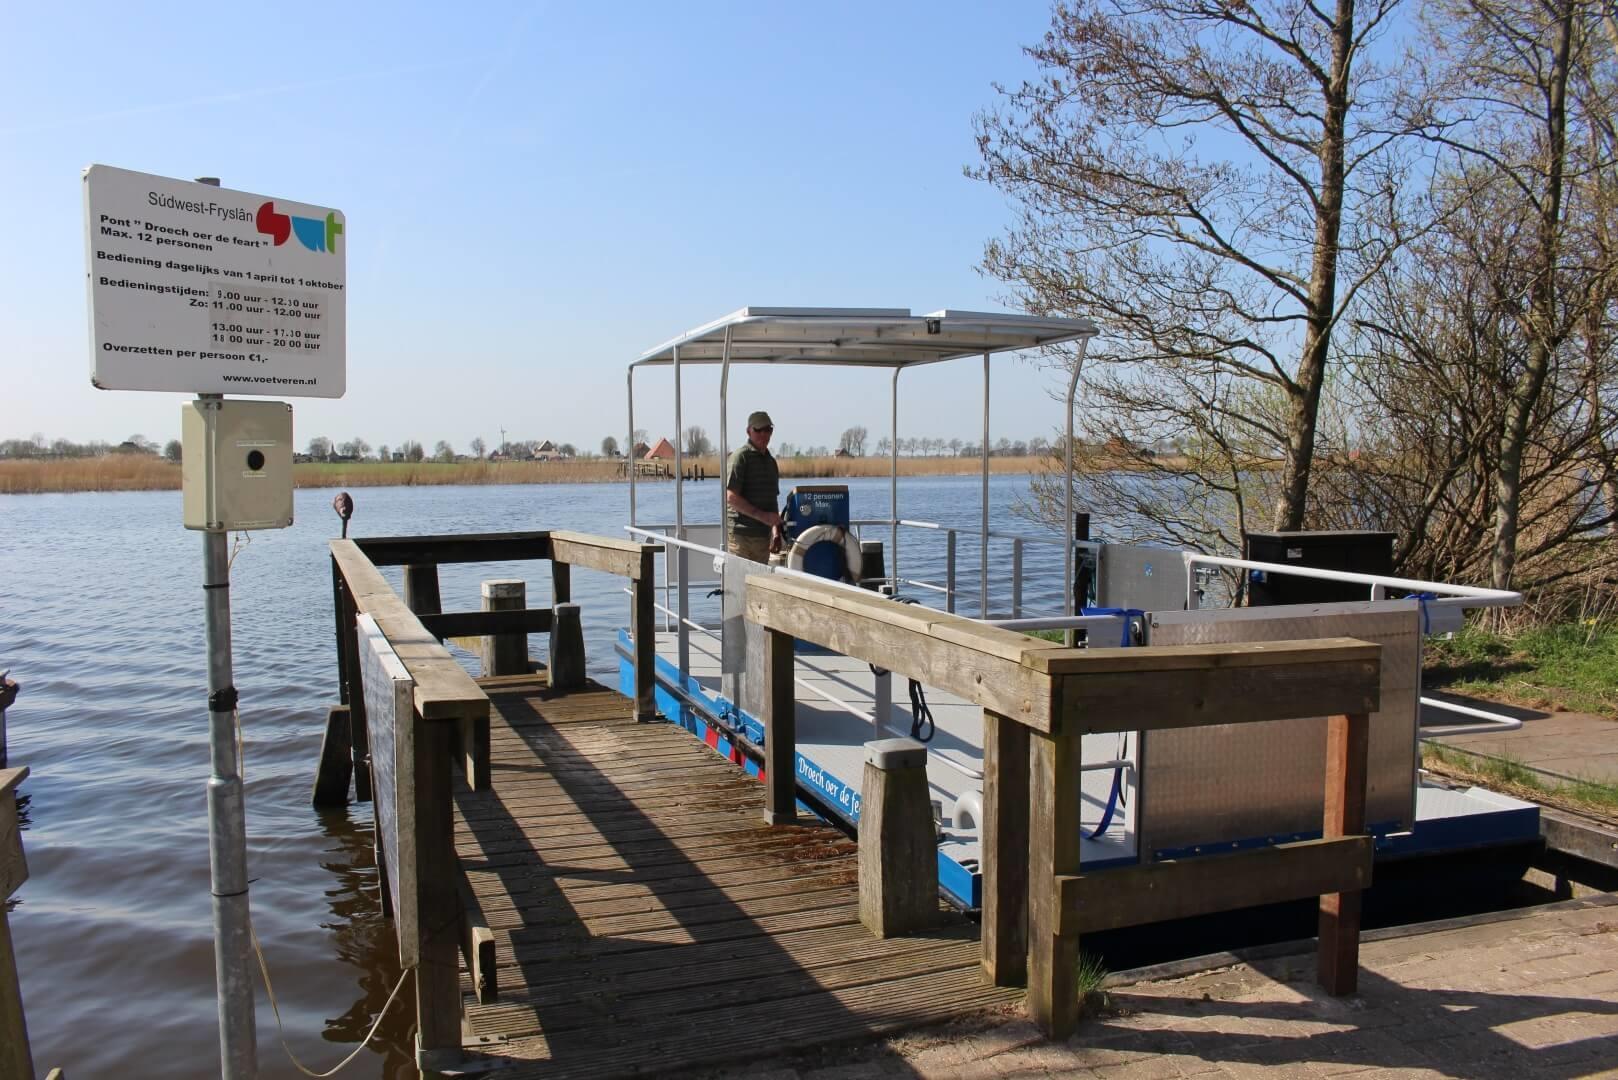 pont gaastmeer